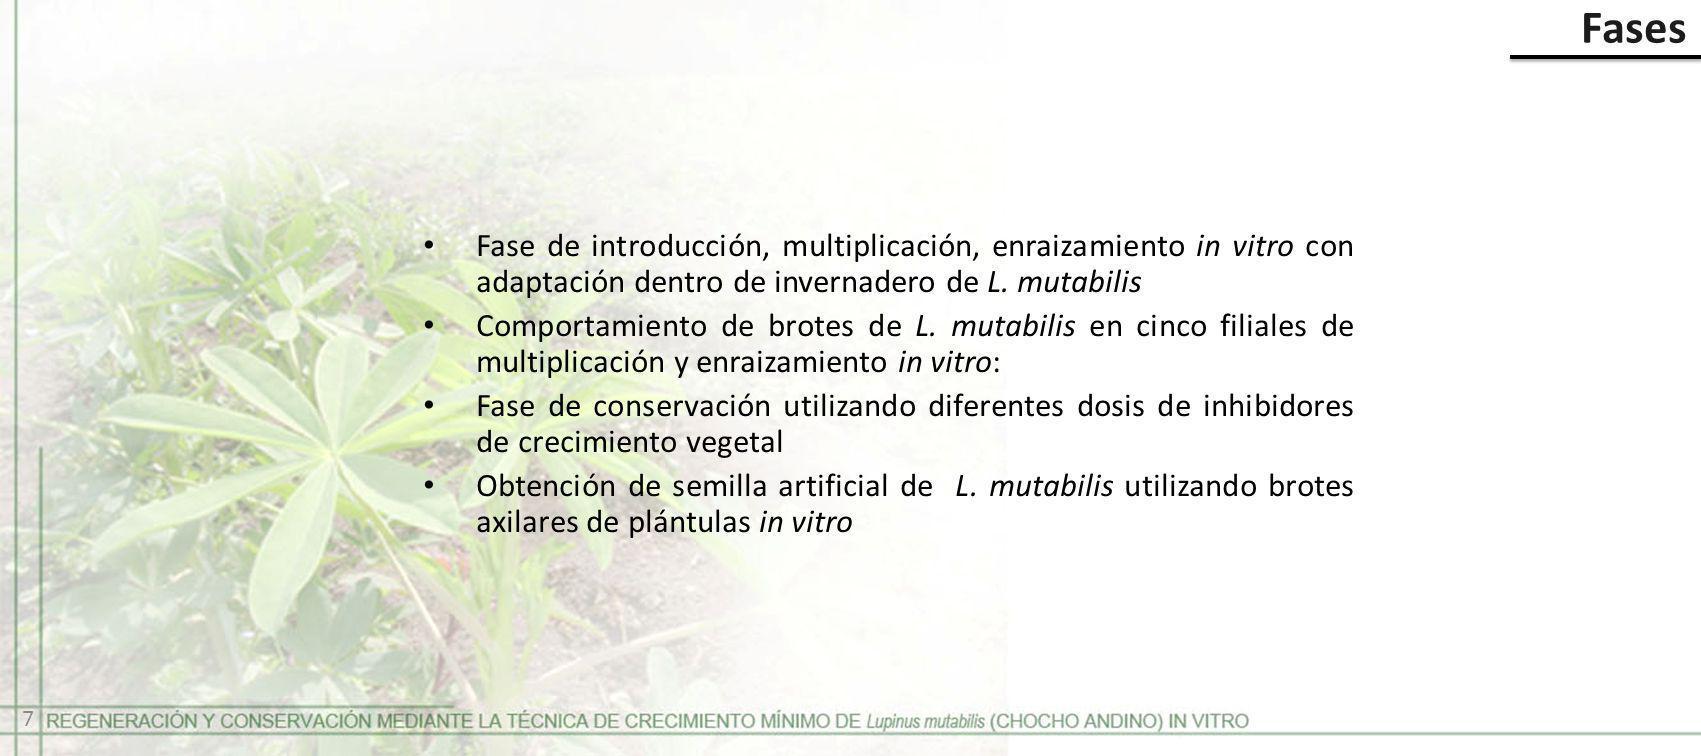 Fases Fase de introducción, multiplicación, enraizamiento in vitro con adaptación dentro de invernadero de L. mutabilis.